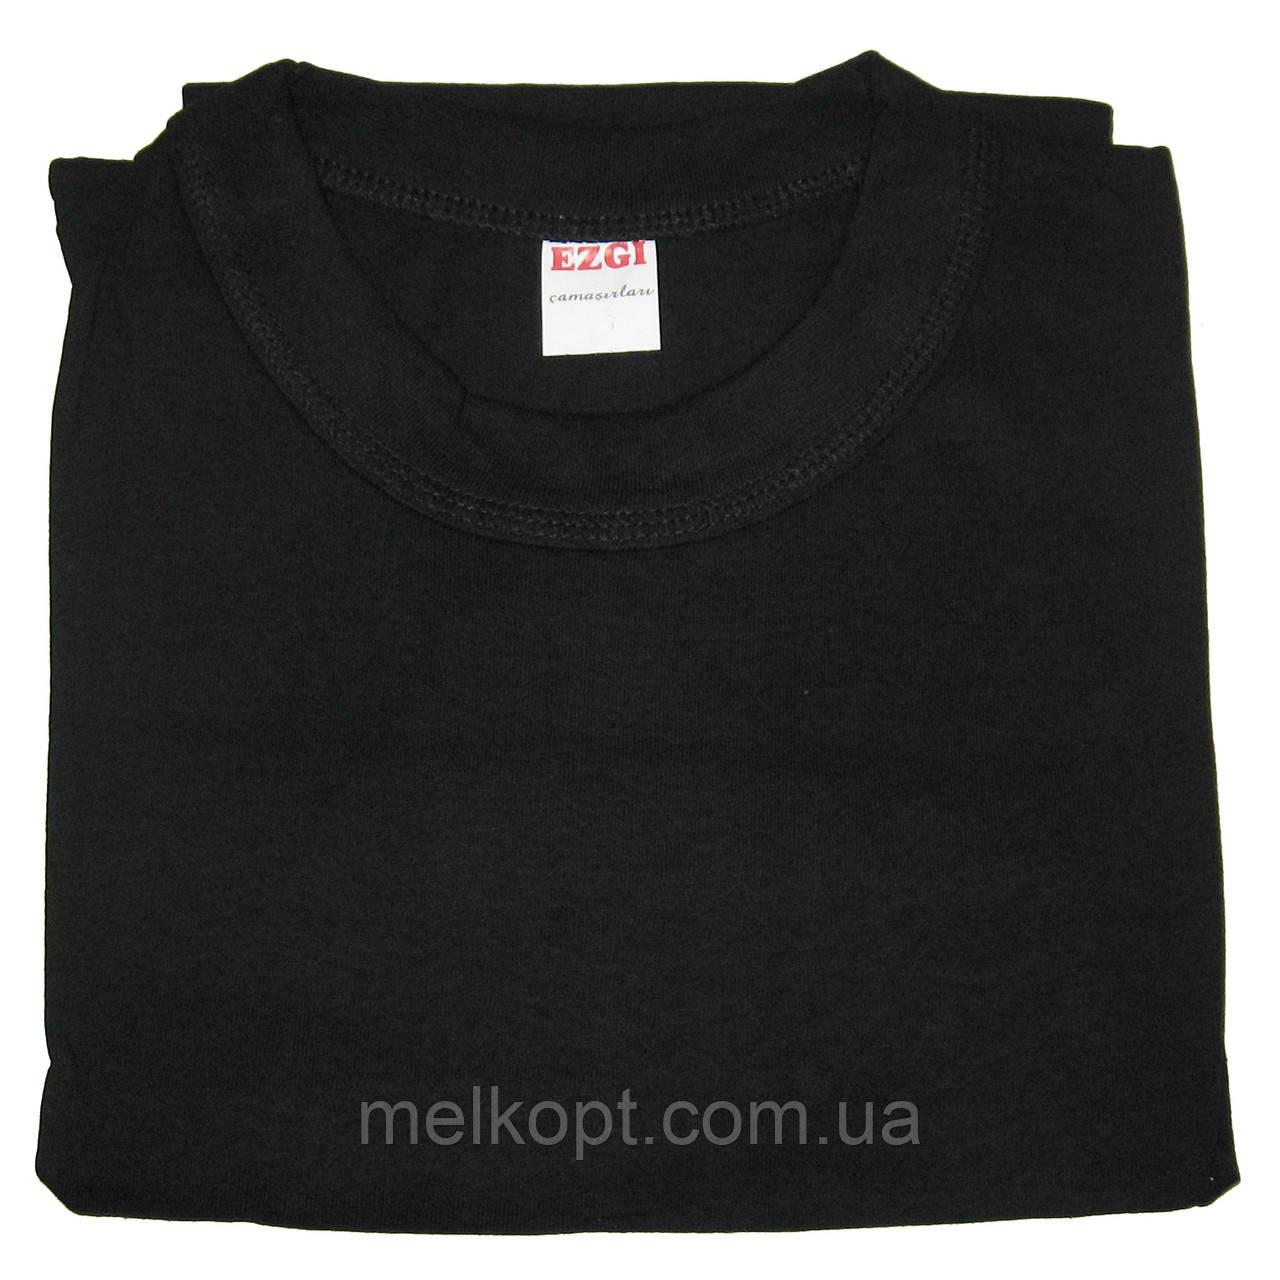 Чоловічі футболки Ezgi - 58,00 грн./шт. (56-й розмір, чорні)